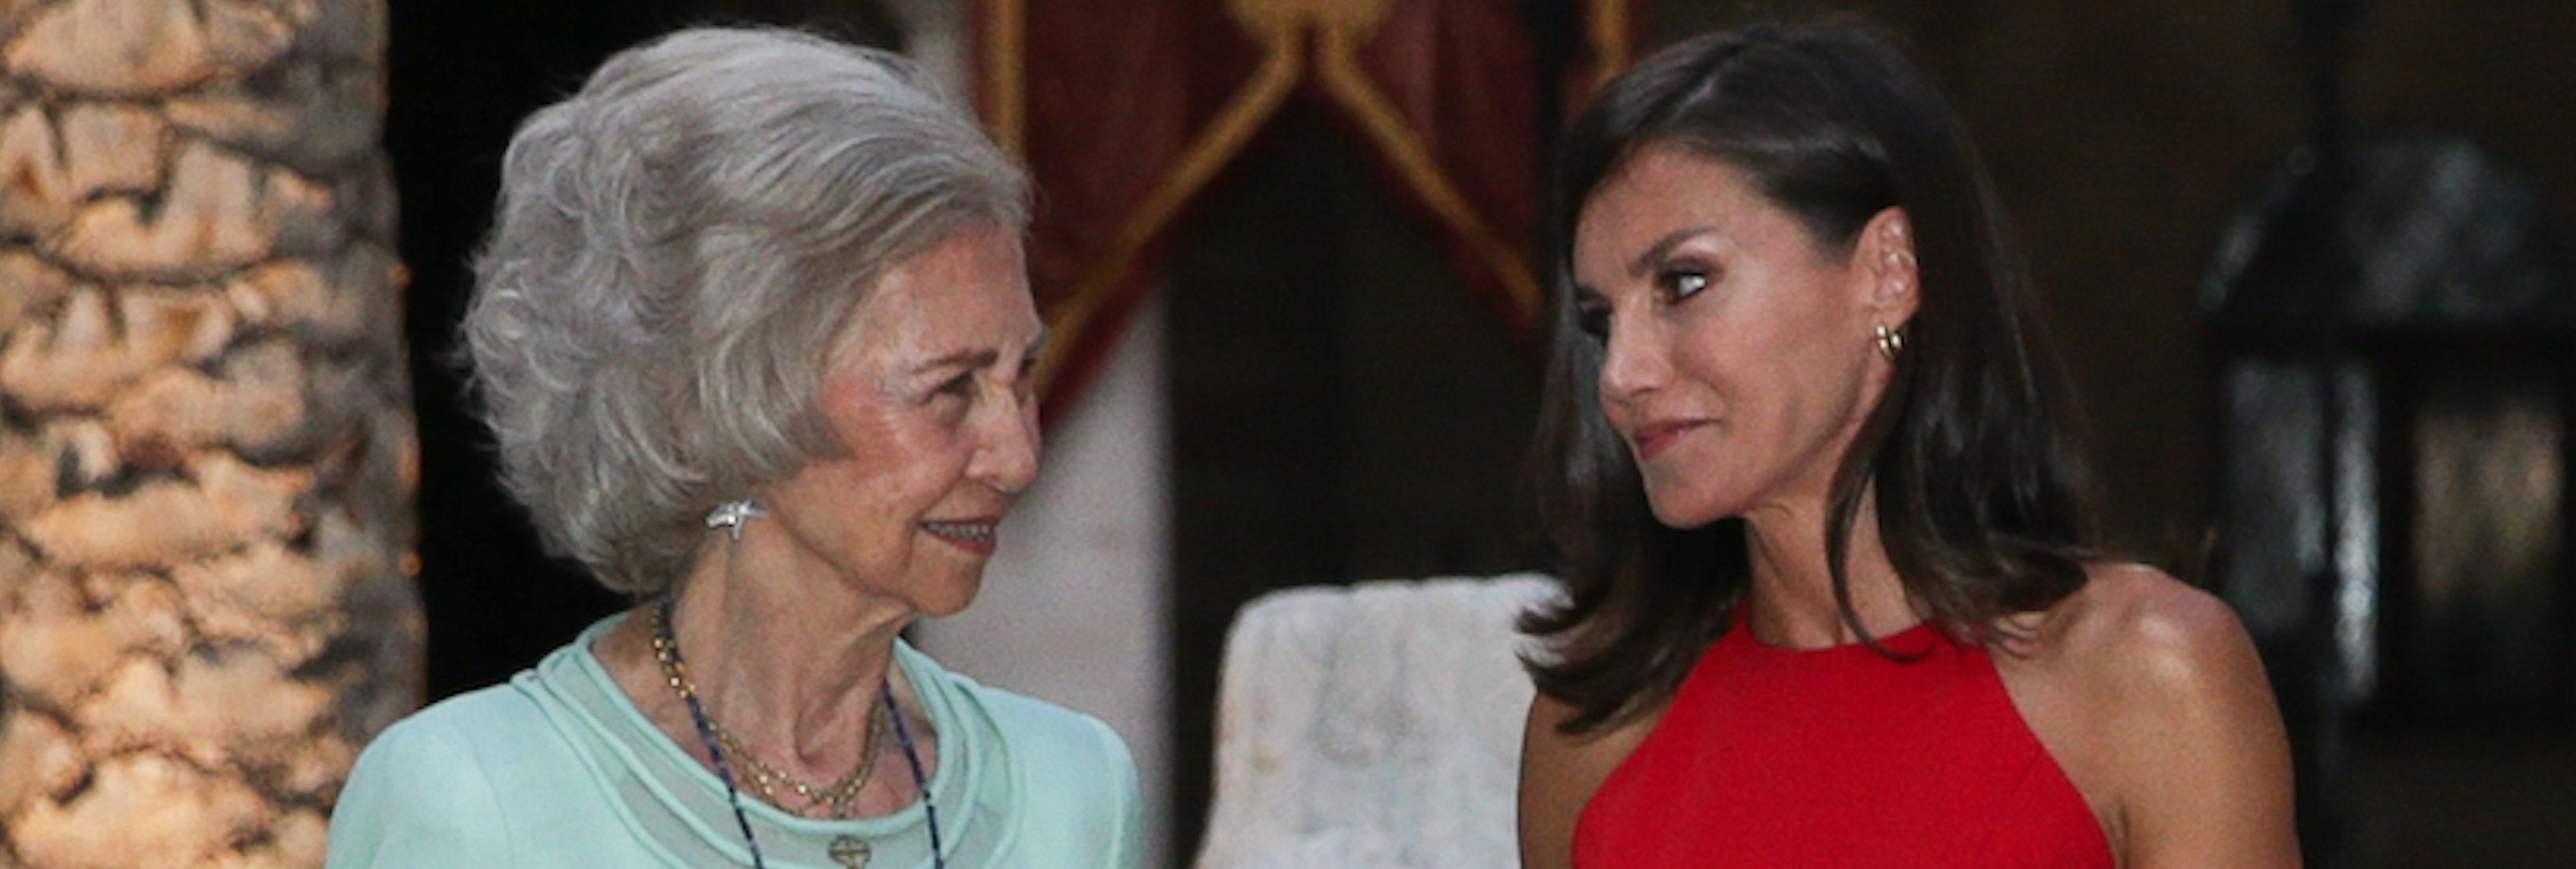 Guerra en la Familia Real: Letizia impide a sus hijas acudir al almuerzo de nietos que celebra Sofía